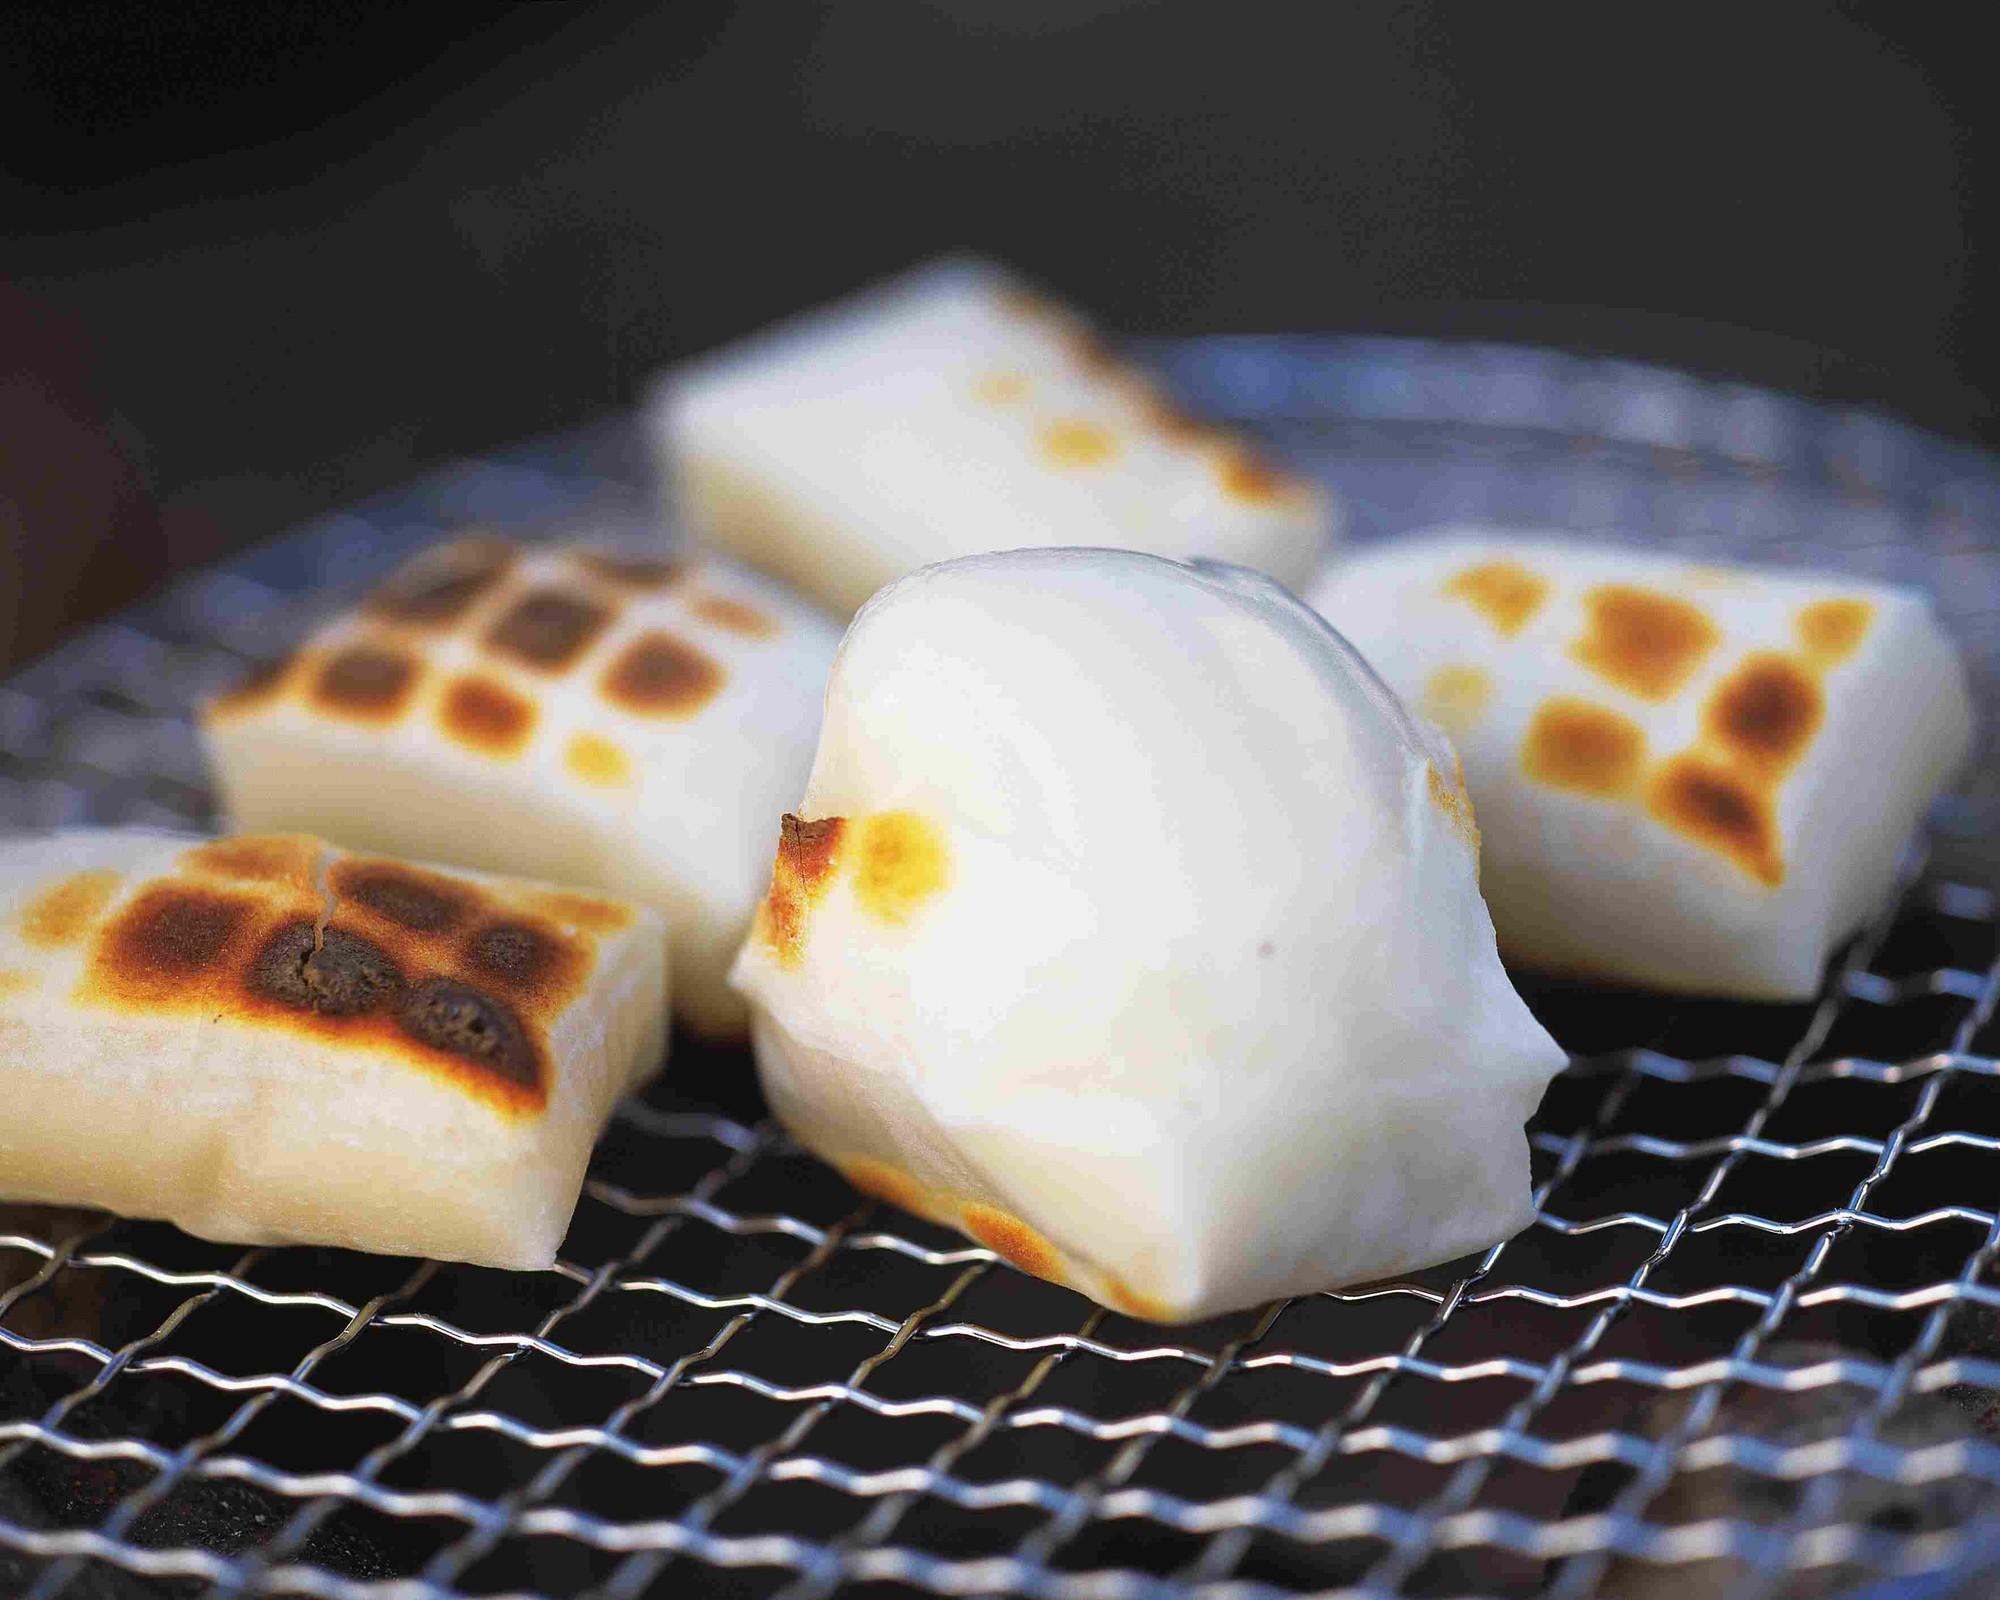 Chịu khó sáng tạo như Nhật Bản: mỗi mùa mỗi loại bánh khác nhau - Ảnh 6.